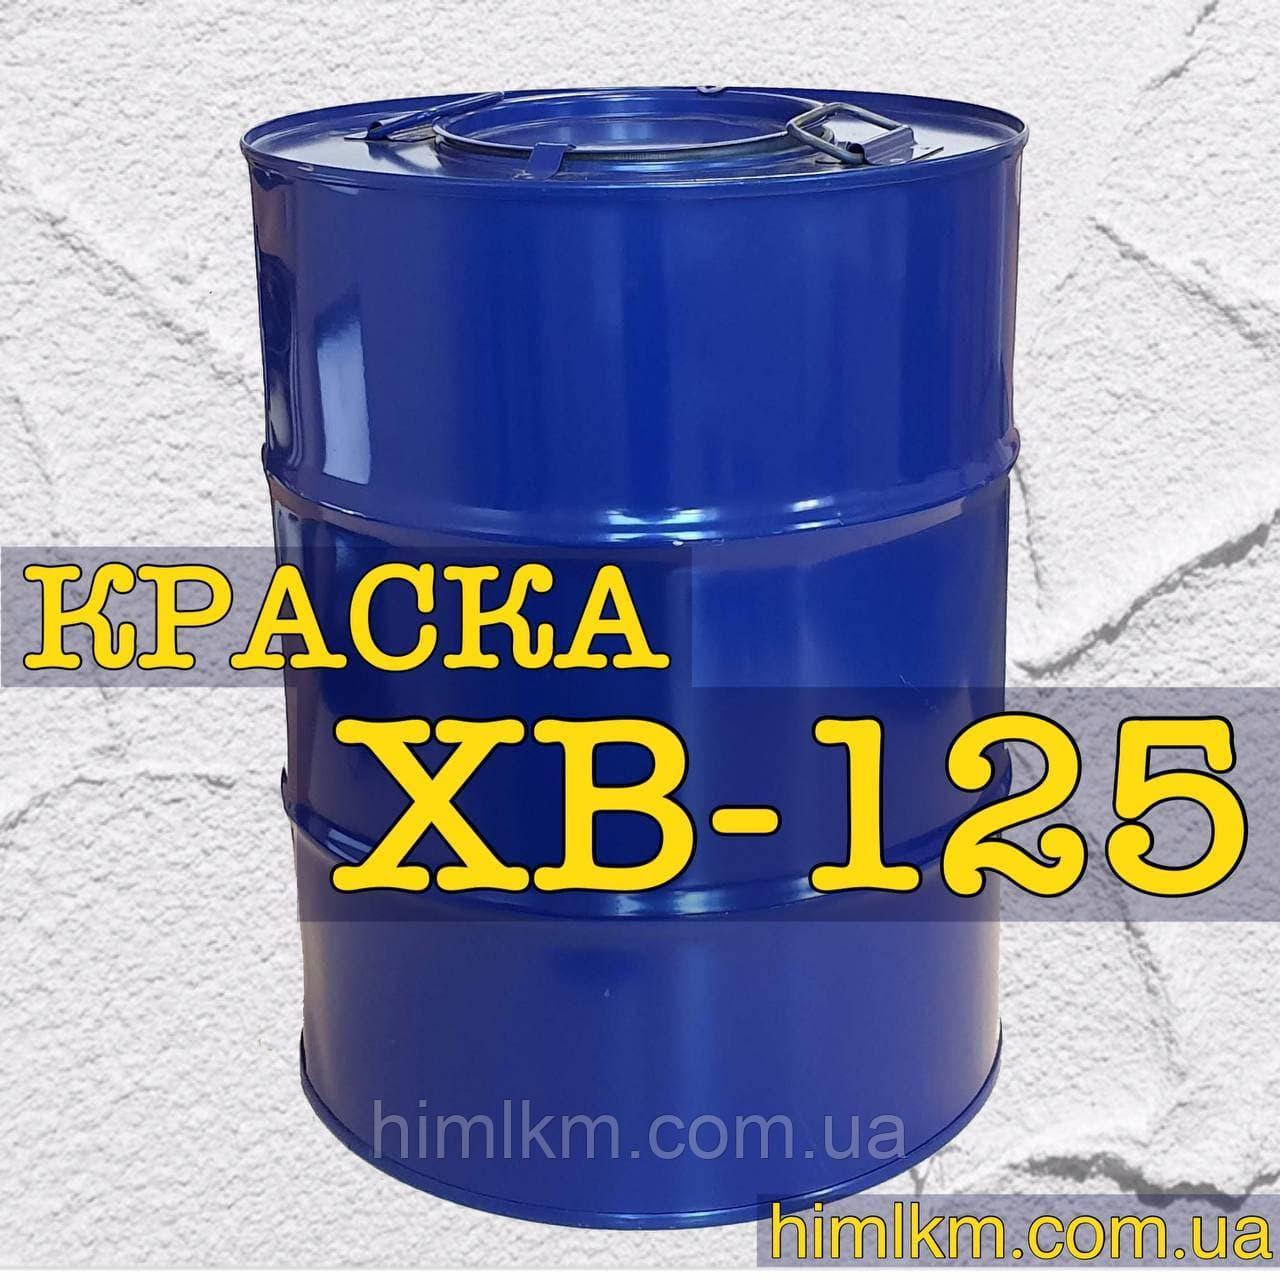 Краска ХВ-125 для металлических и деревянных поверхностей, эксплуатируемых в тропиках, 50кг